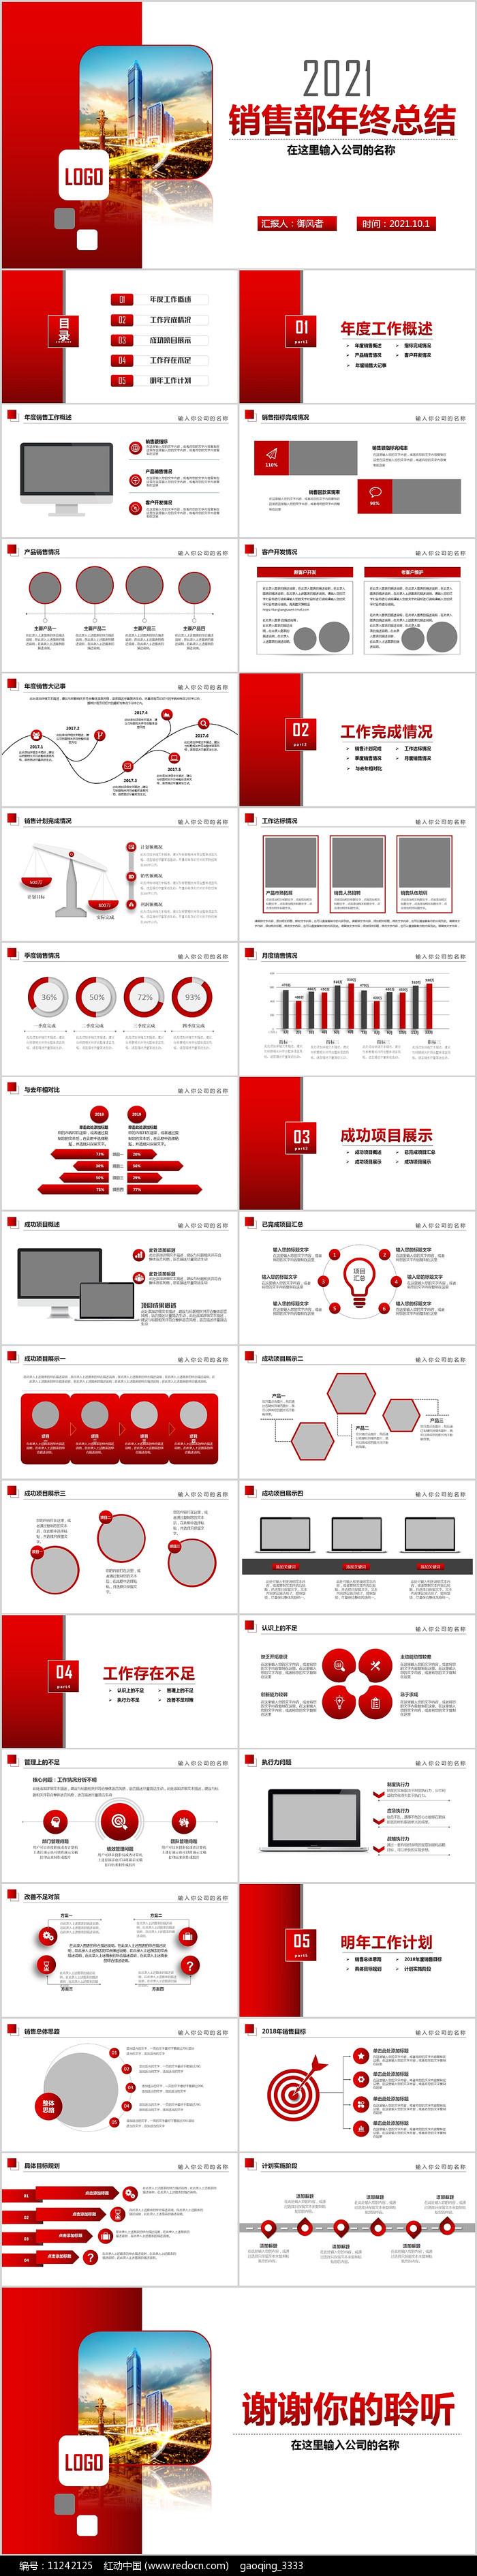 销售部企业销售营销年终工作总结PPT图片